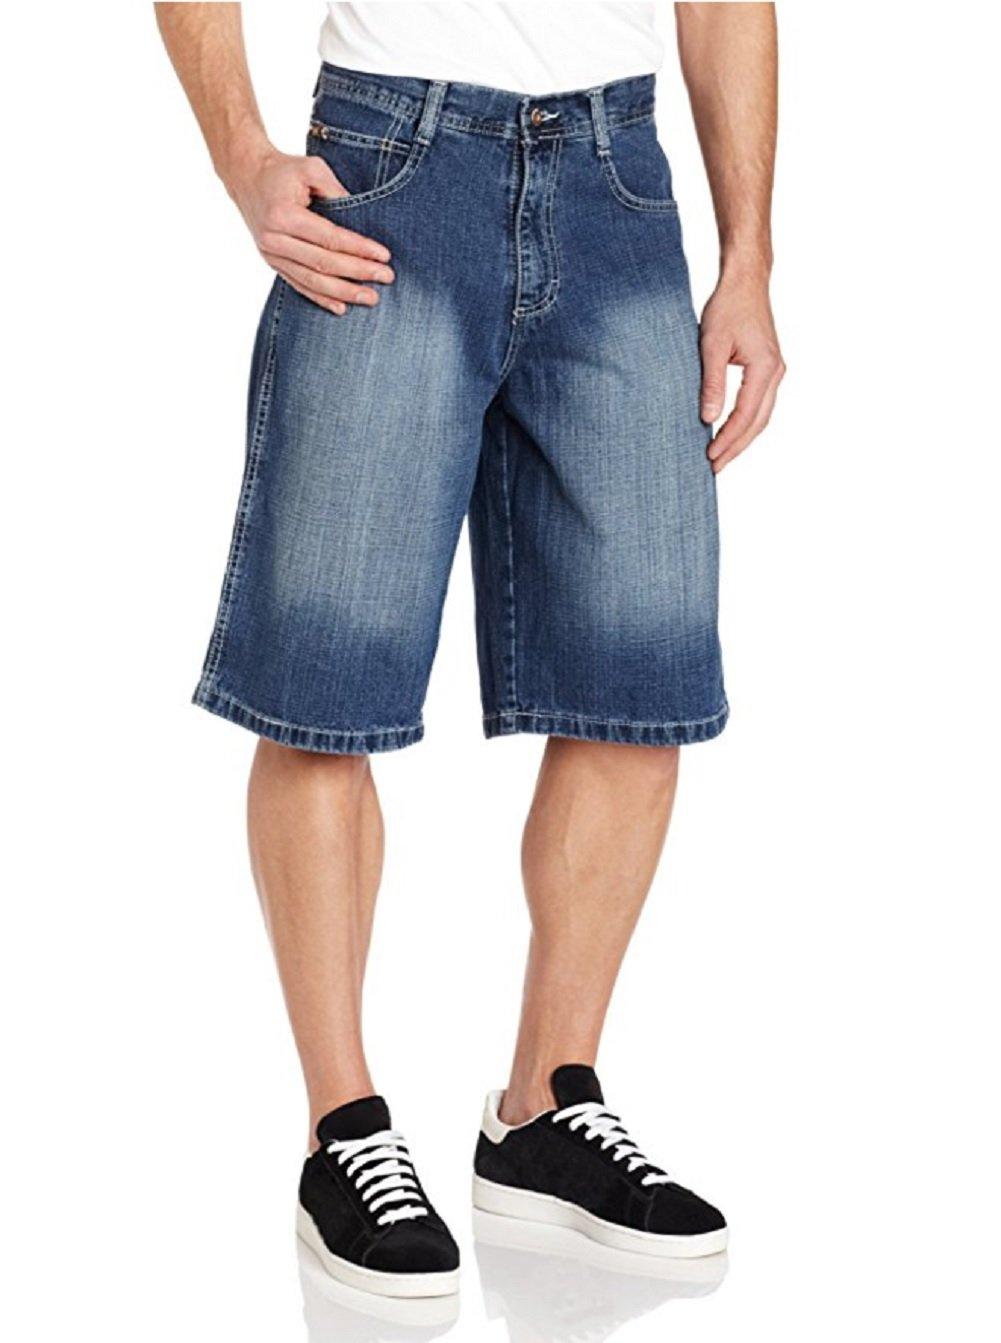 Southpole Men's Core Denim Short 9001-3236